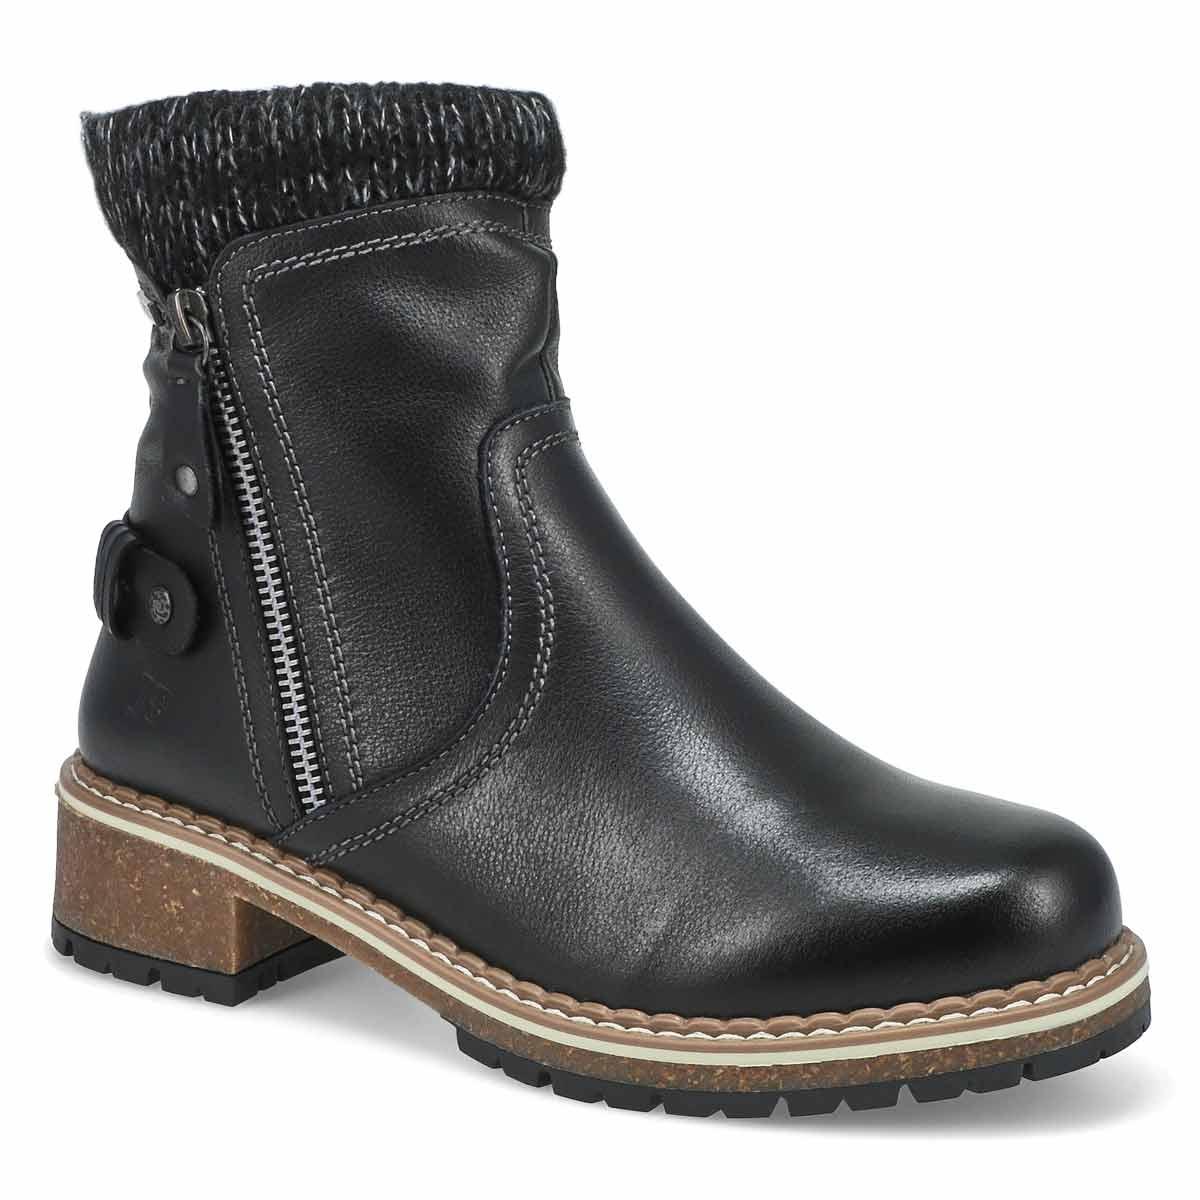 Women's Waylynn 01 Waterproof Ankle Boot - Black